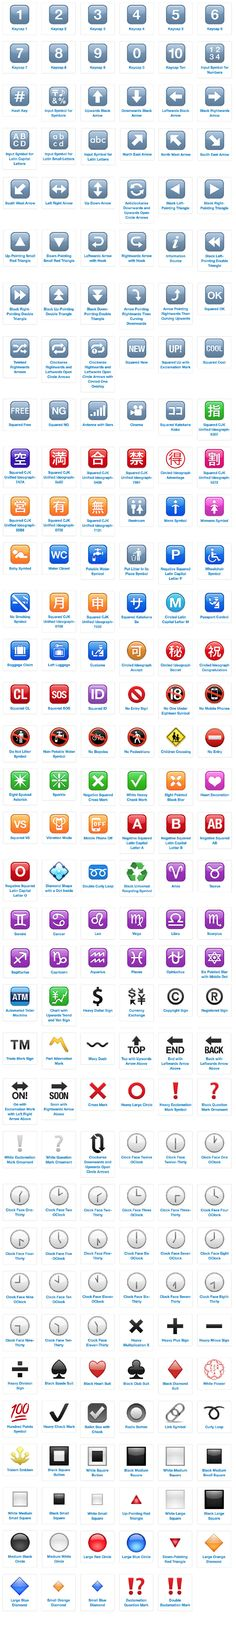 Letter Emoji Meaning Letterjdi